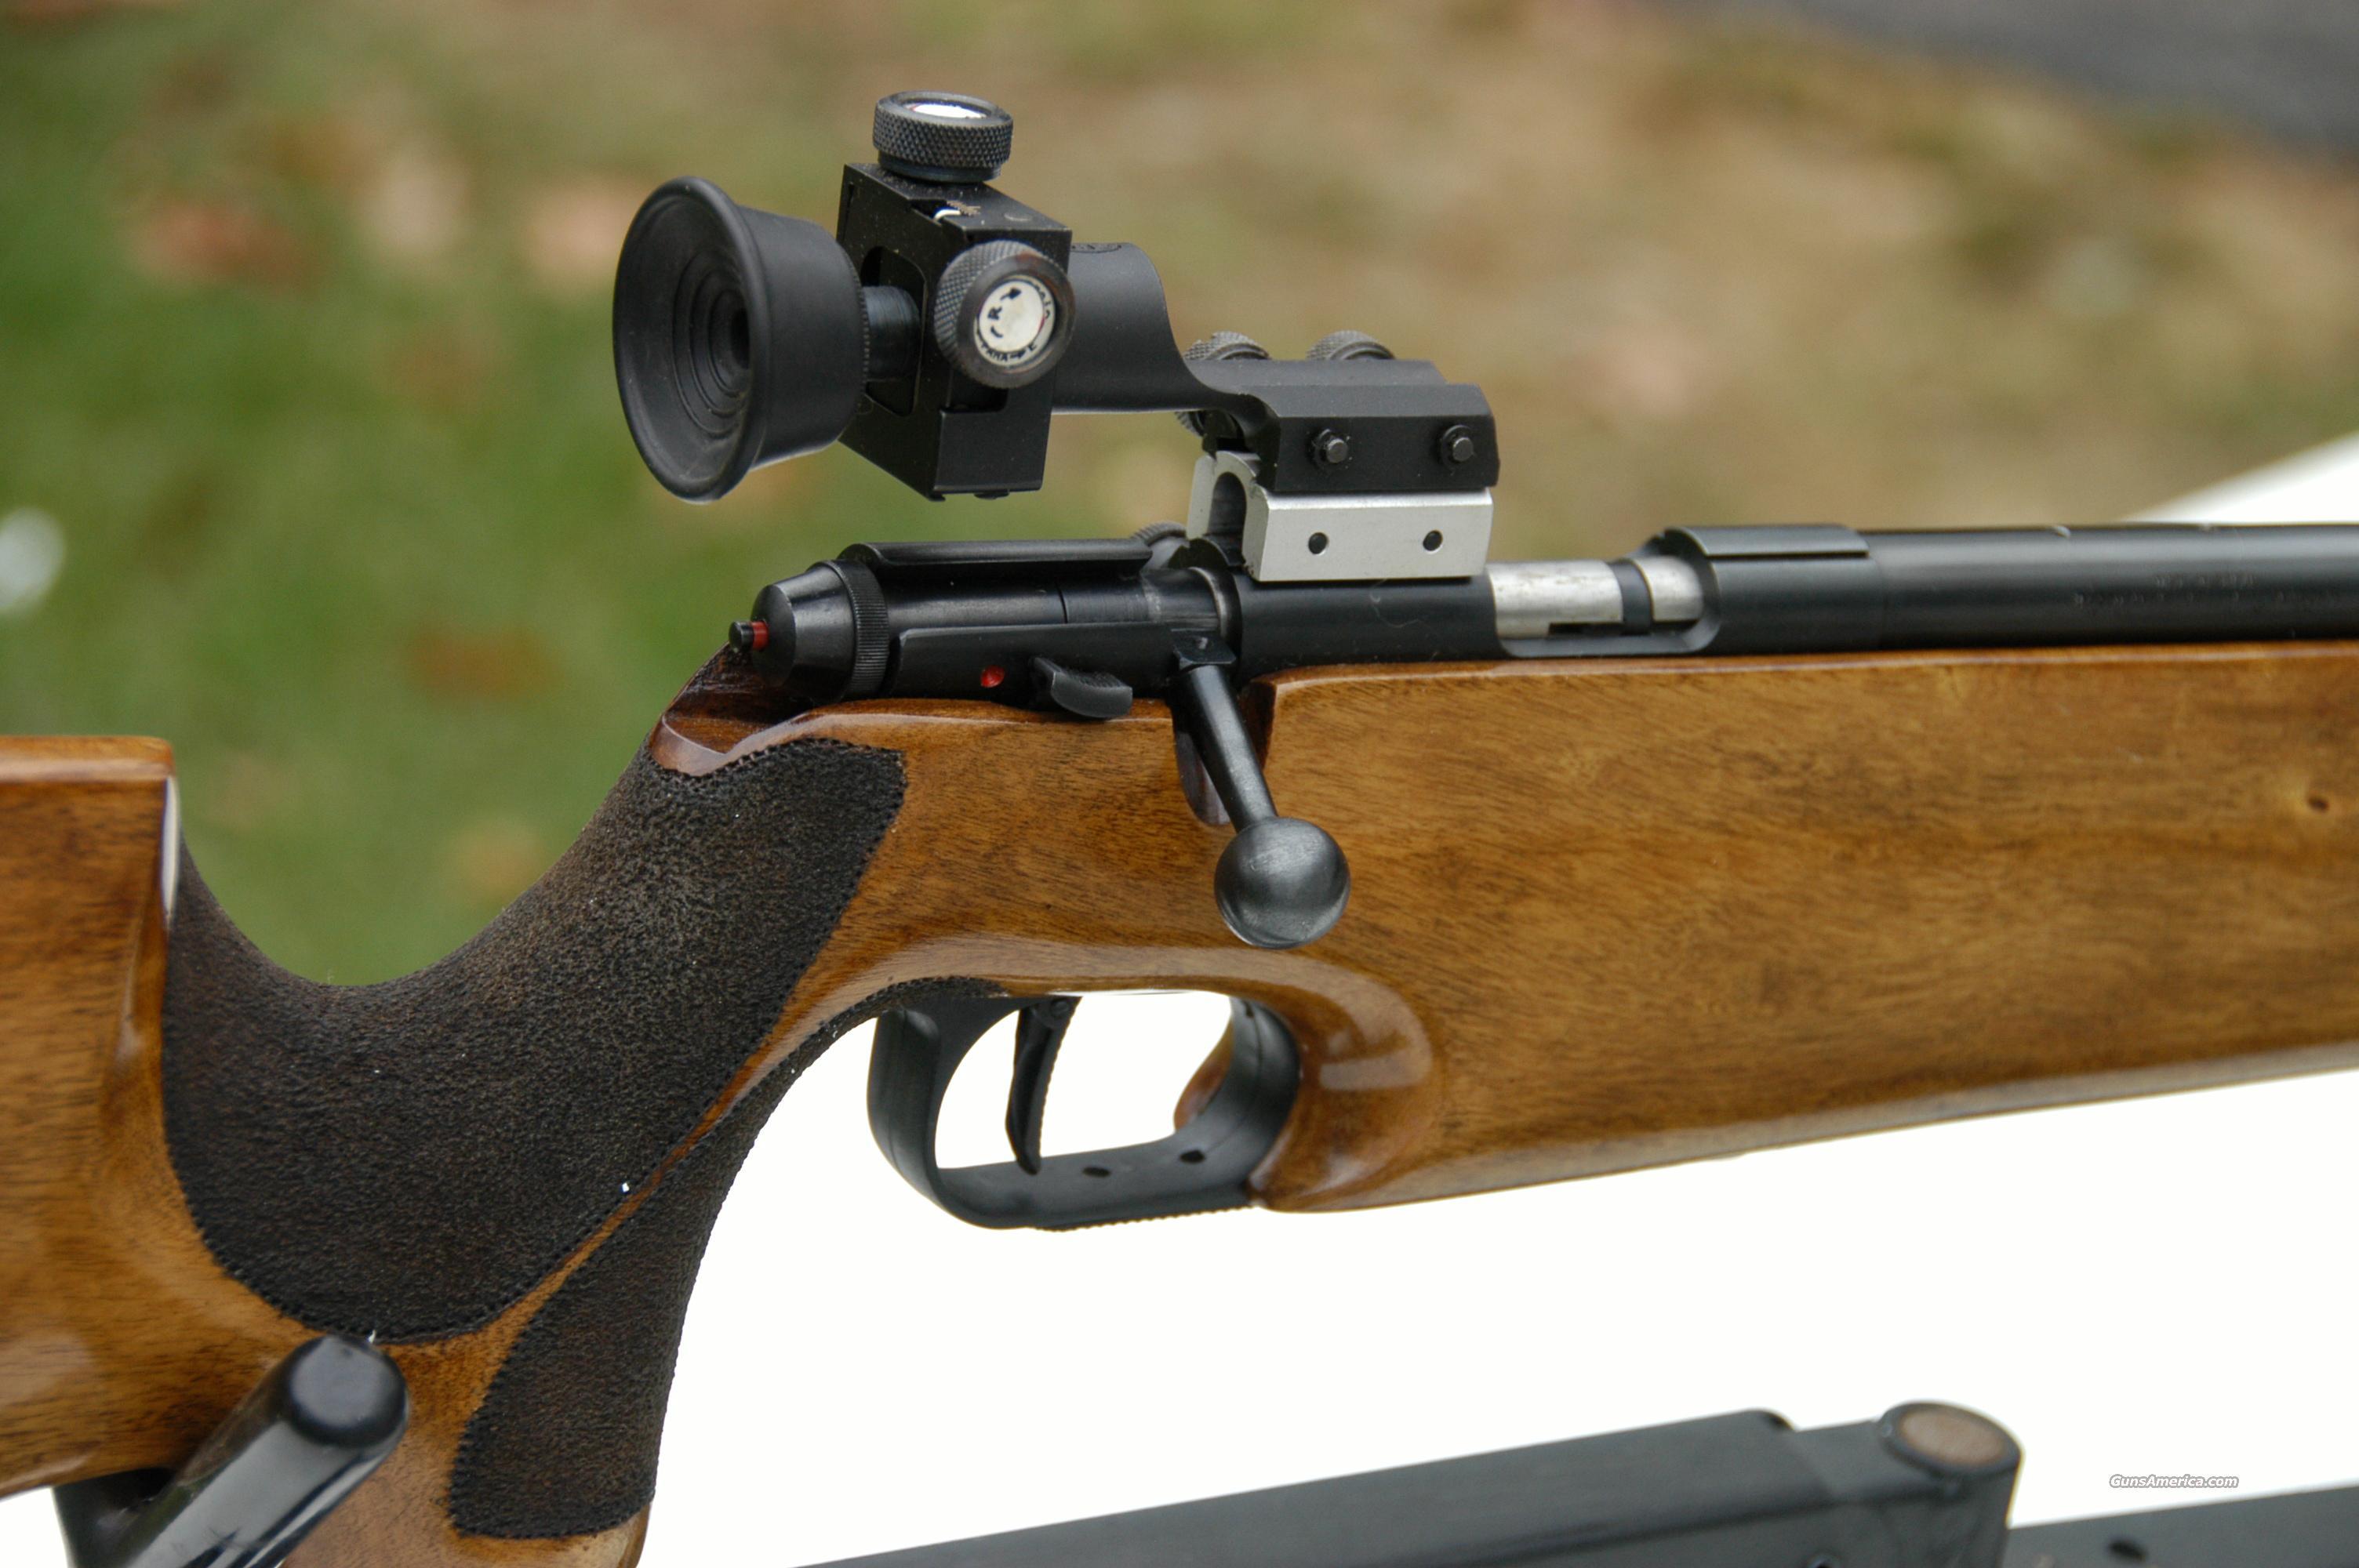 422 Auto Sales >> CBC Linha Impala Model 422 Biathlon Rifle 22LR for sale